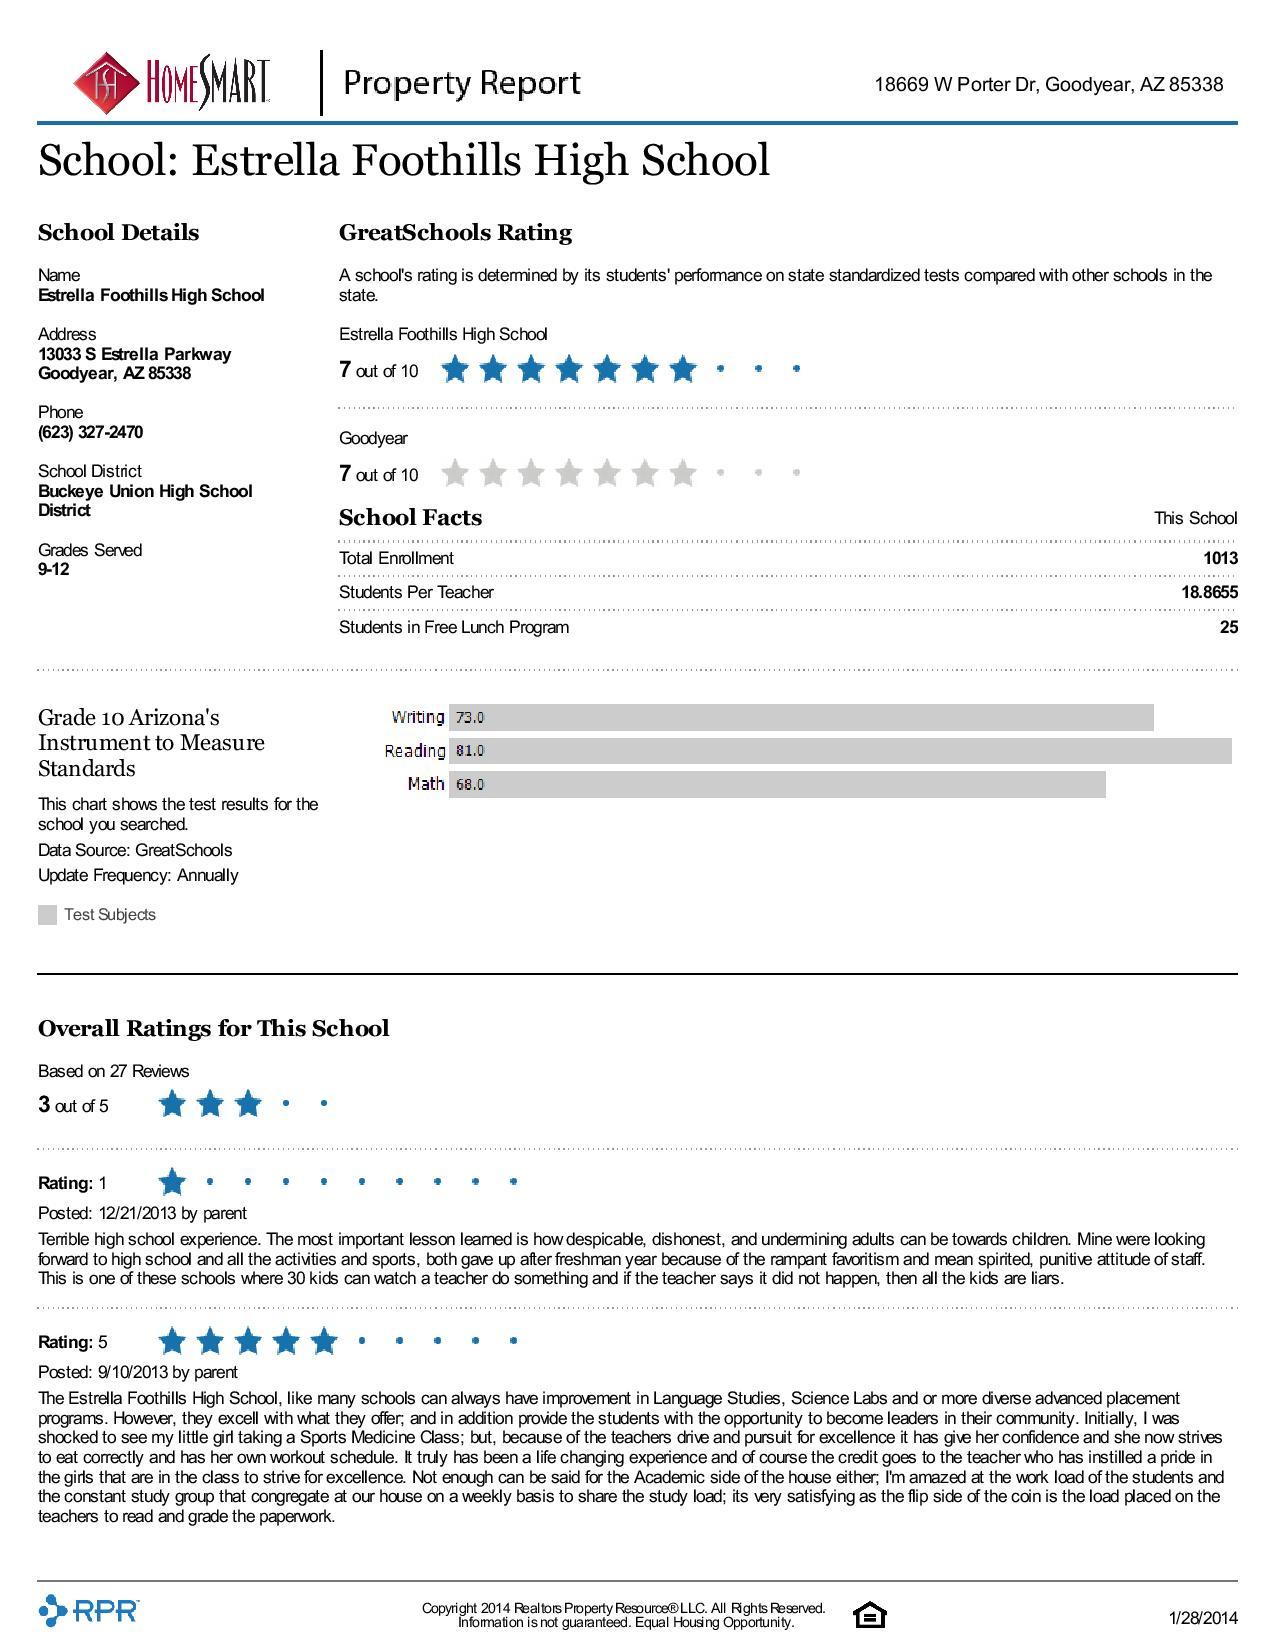 18669-W-Porter-Dr-Goodyear-AZ-85338.pdf-page-010